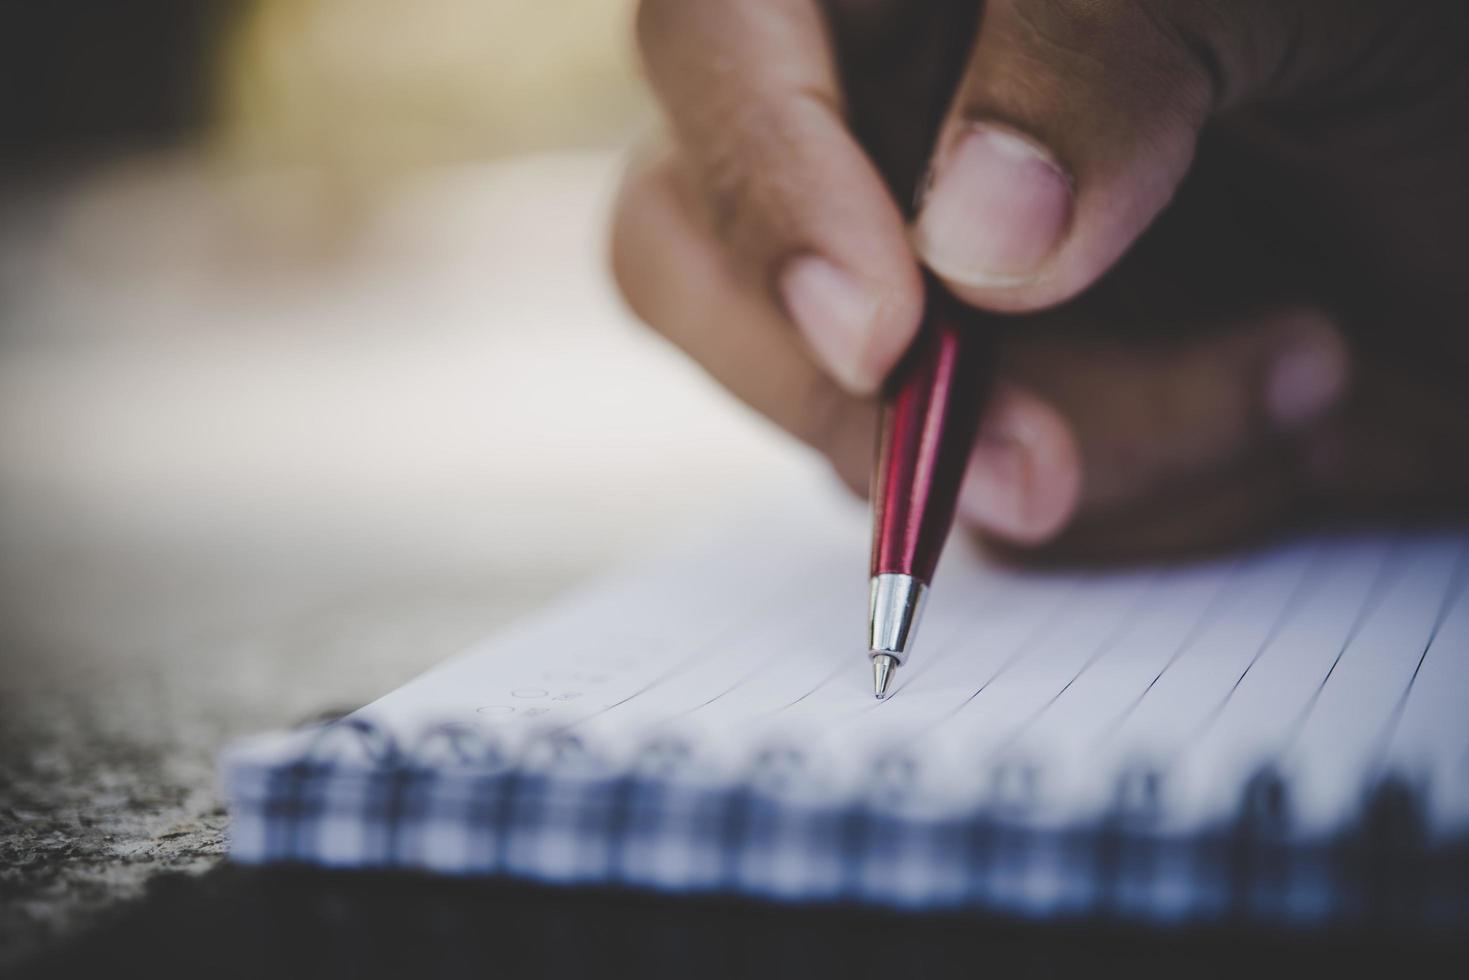 l'écriture de l'homme dans son cahier photo